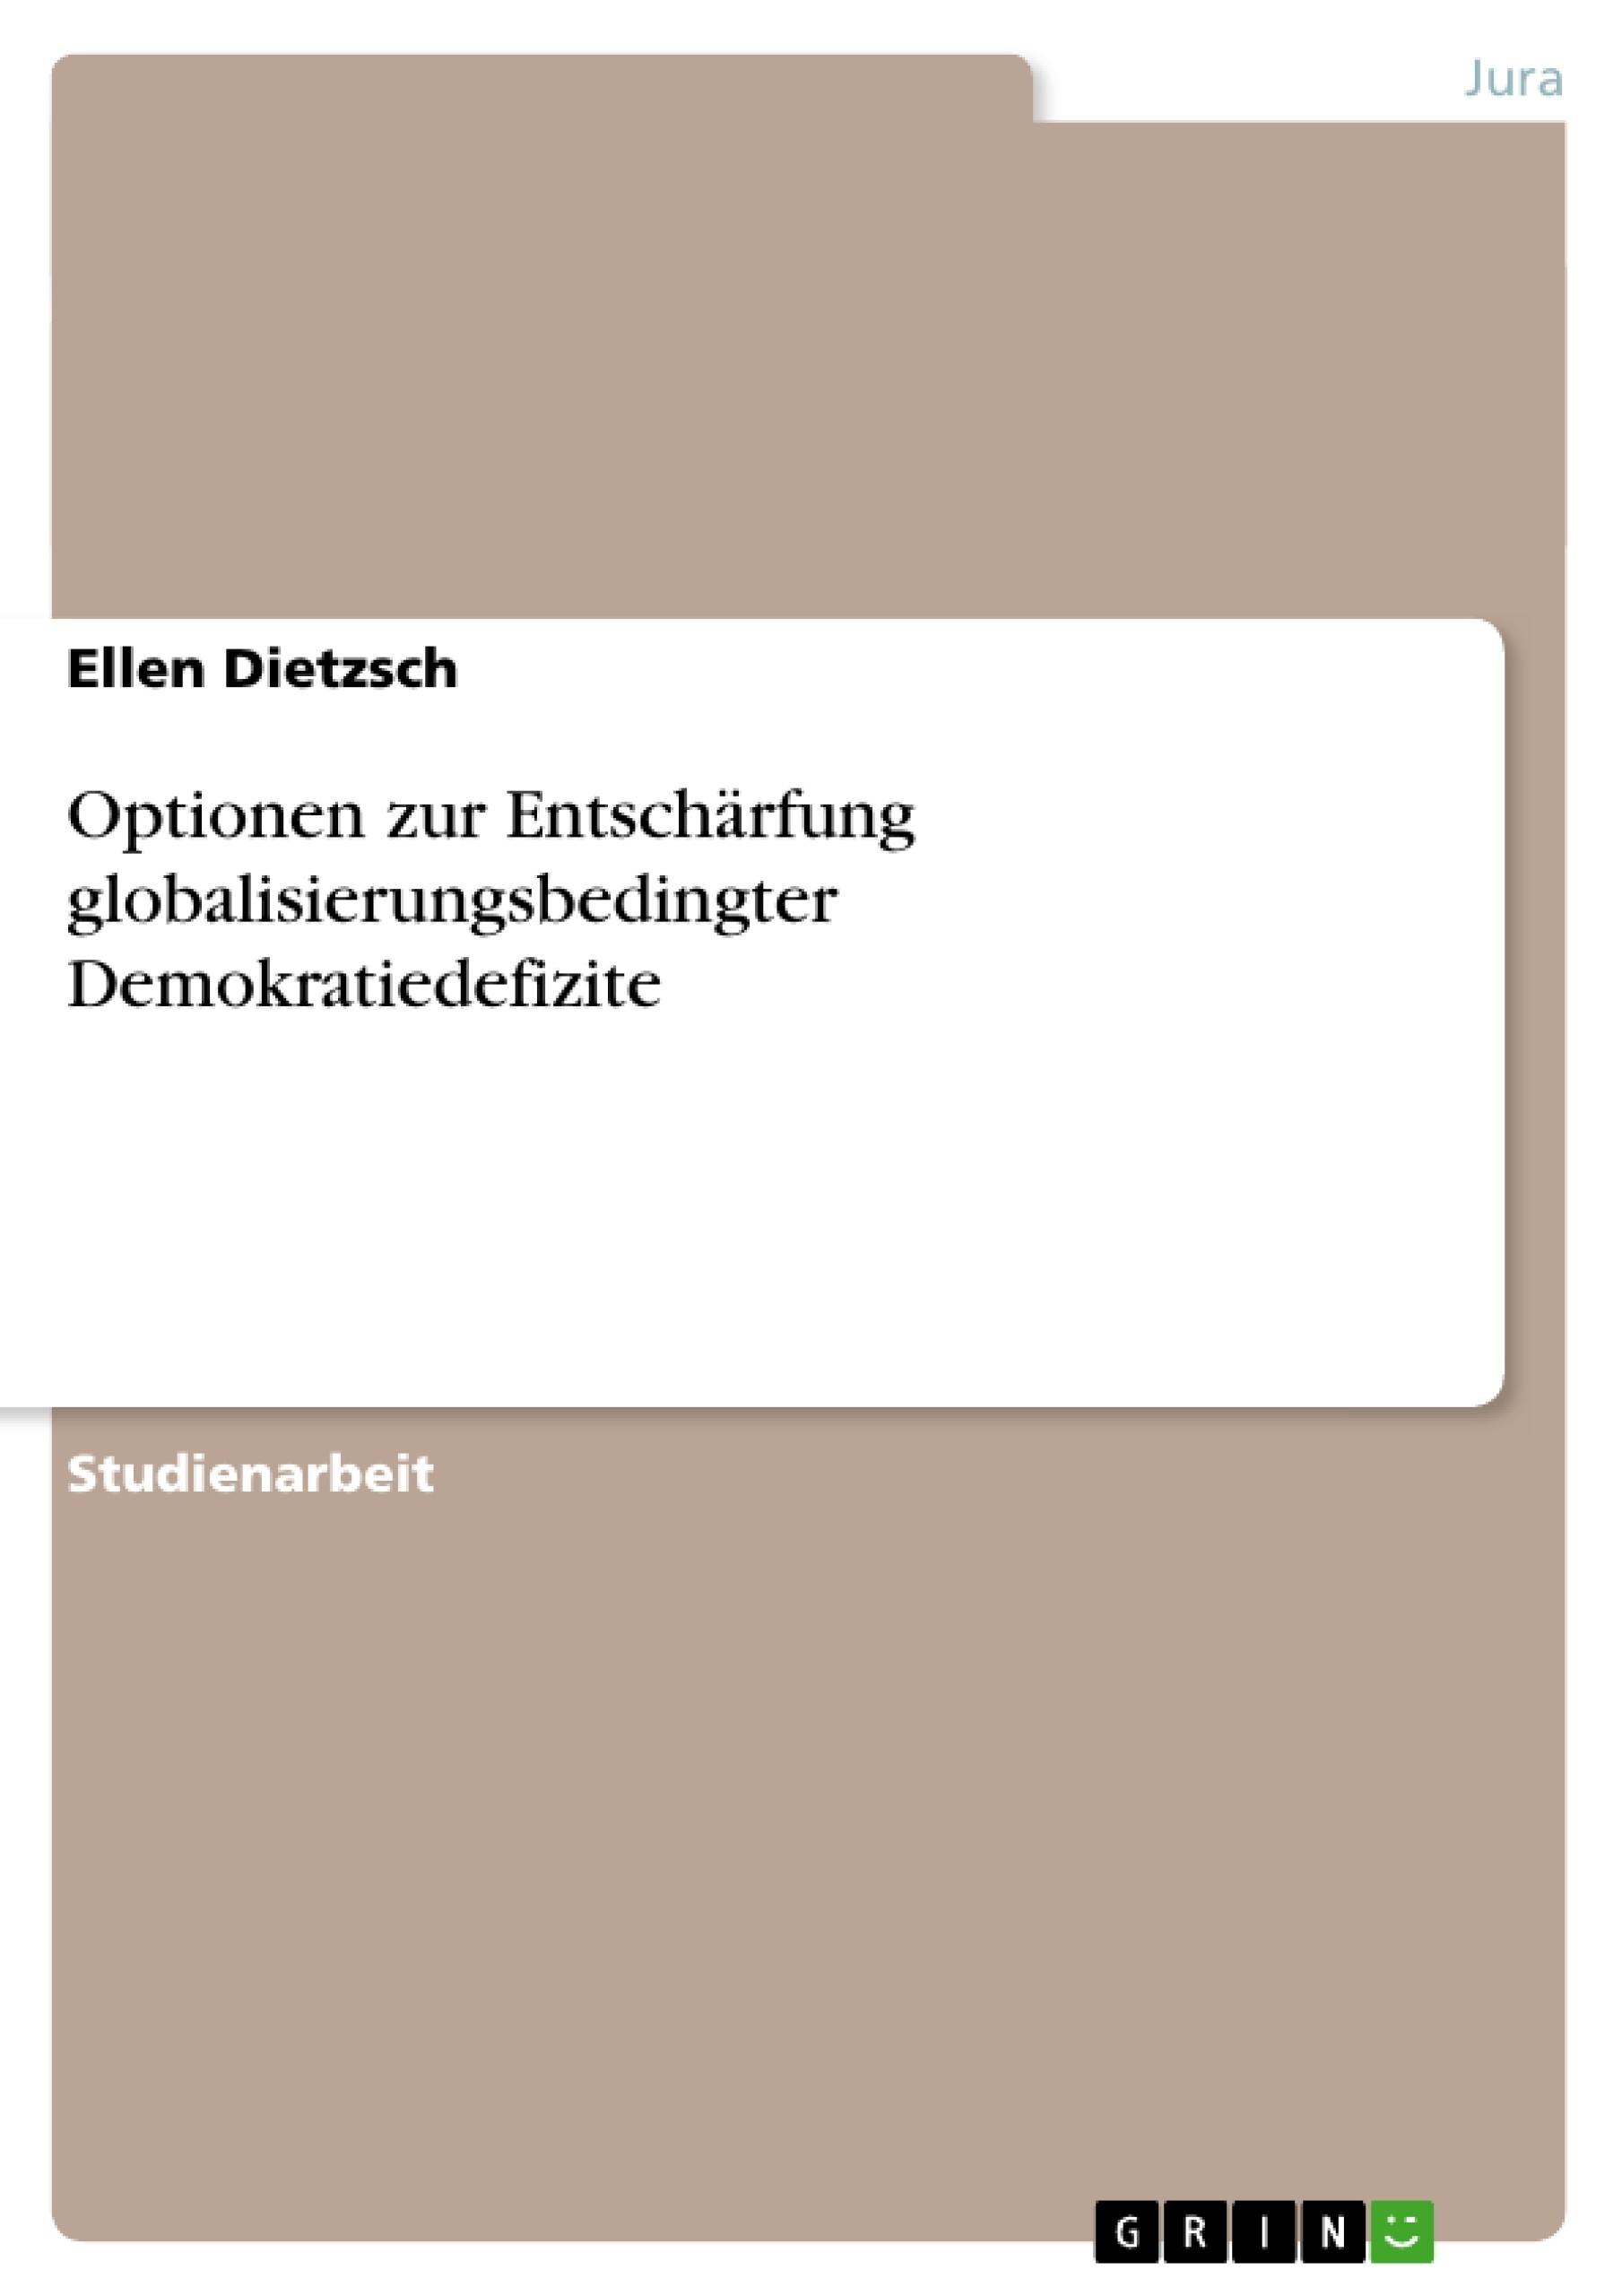 Titel: Optionen zur Entschärfung globalisierungsbedingter Demokratiedefizite